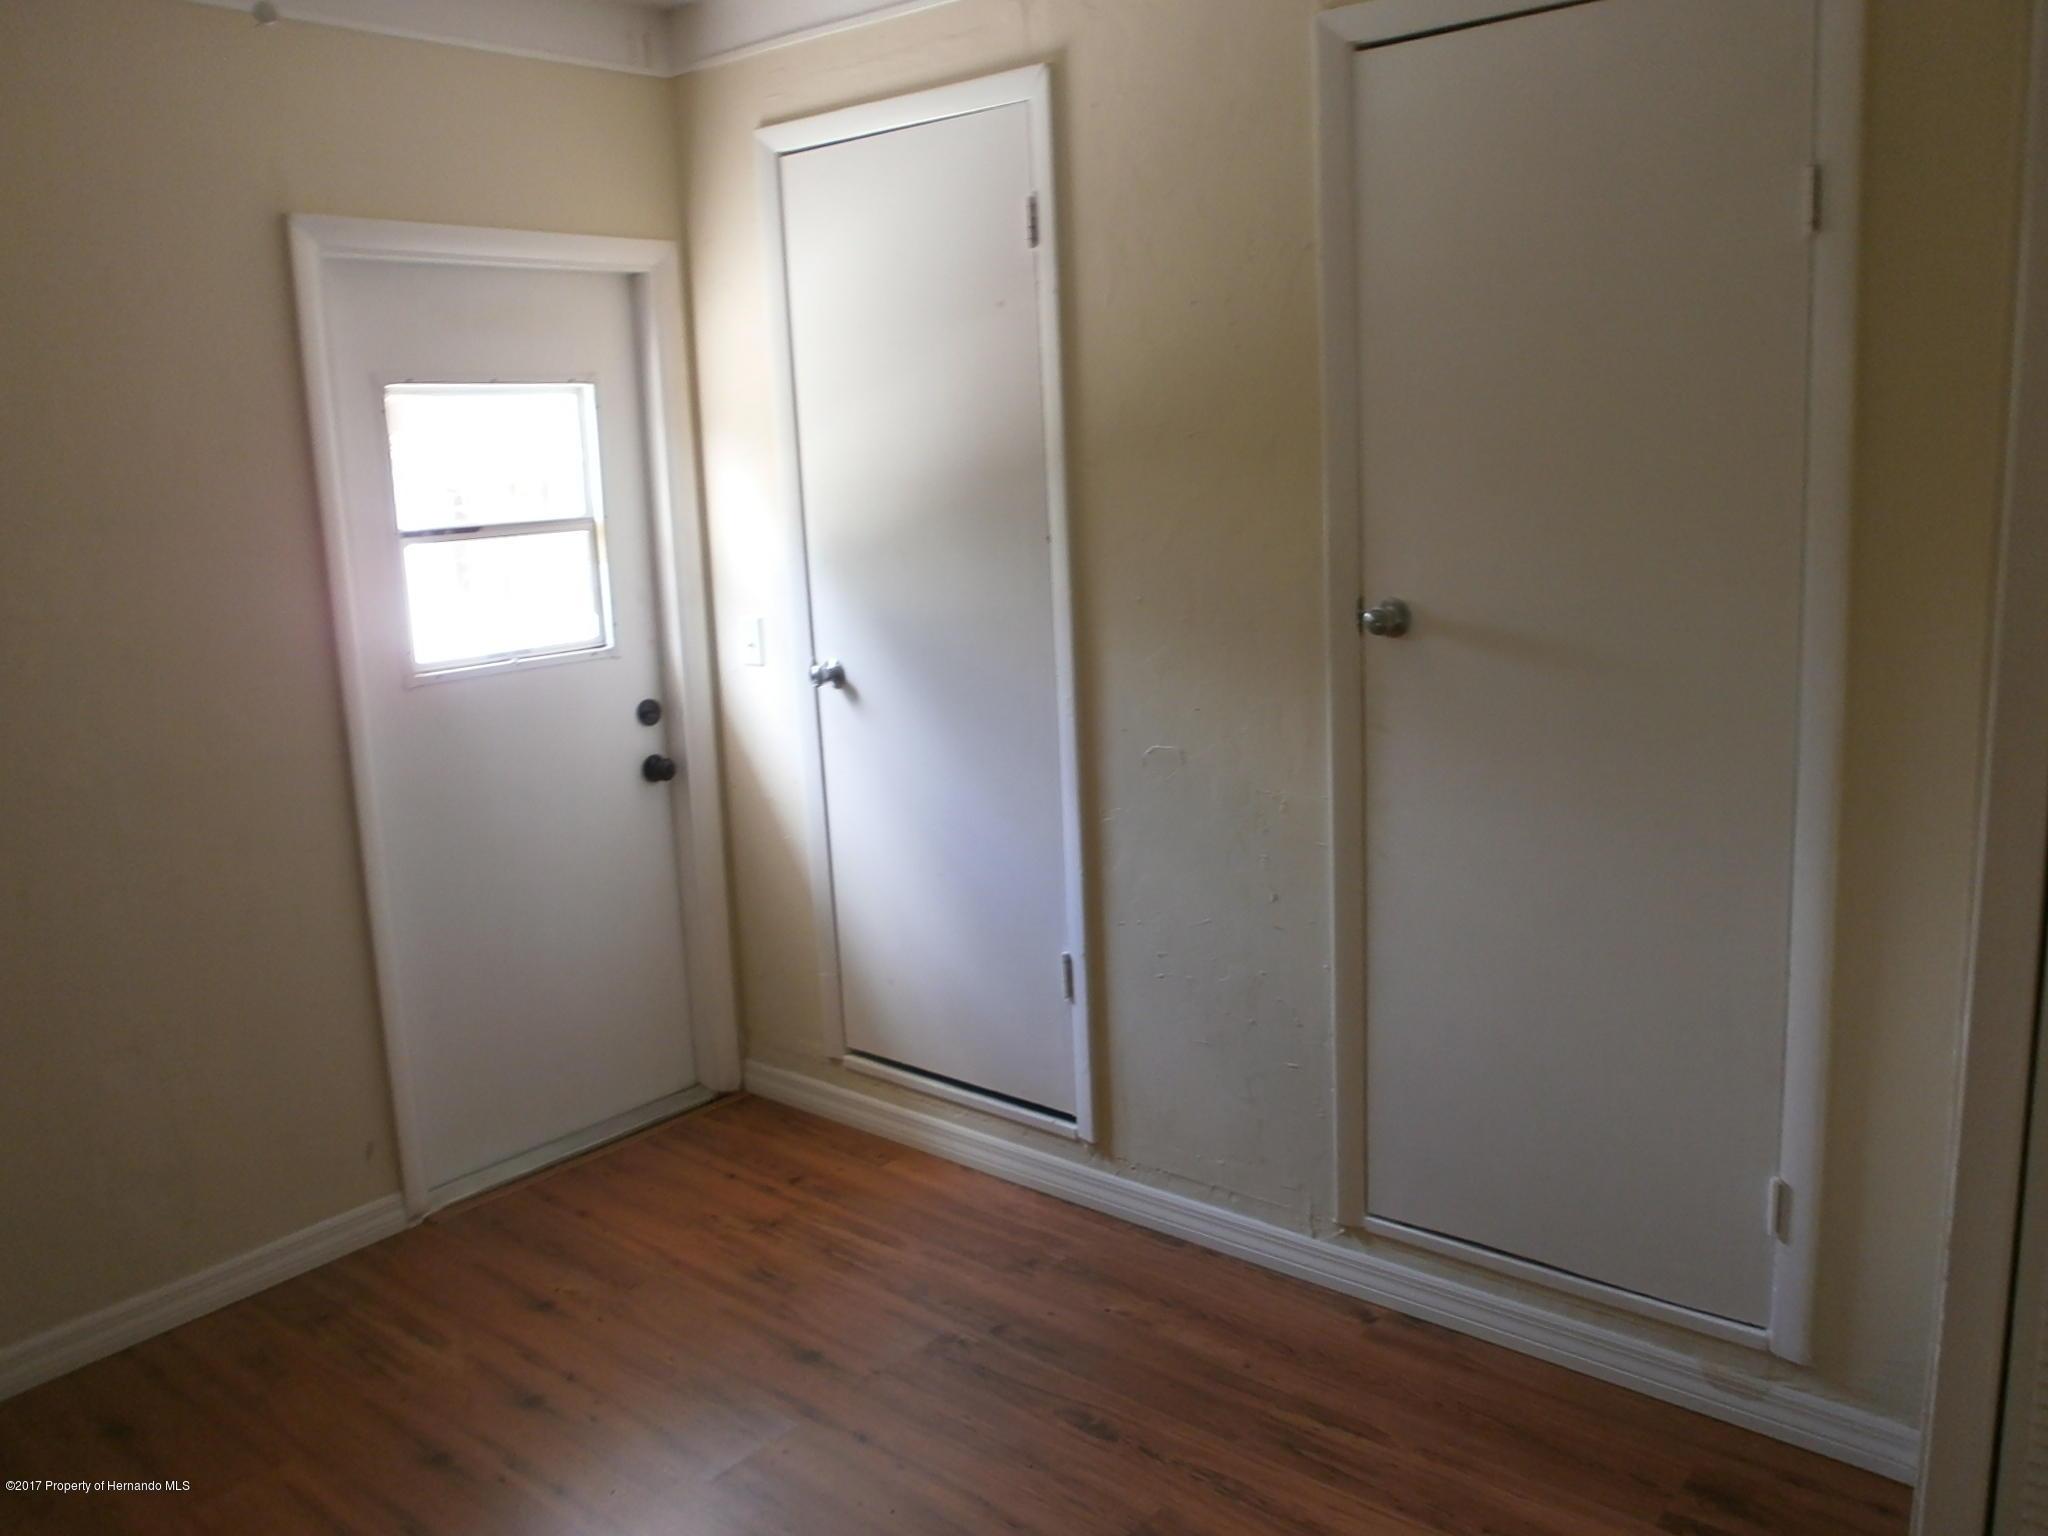 Door to side of house